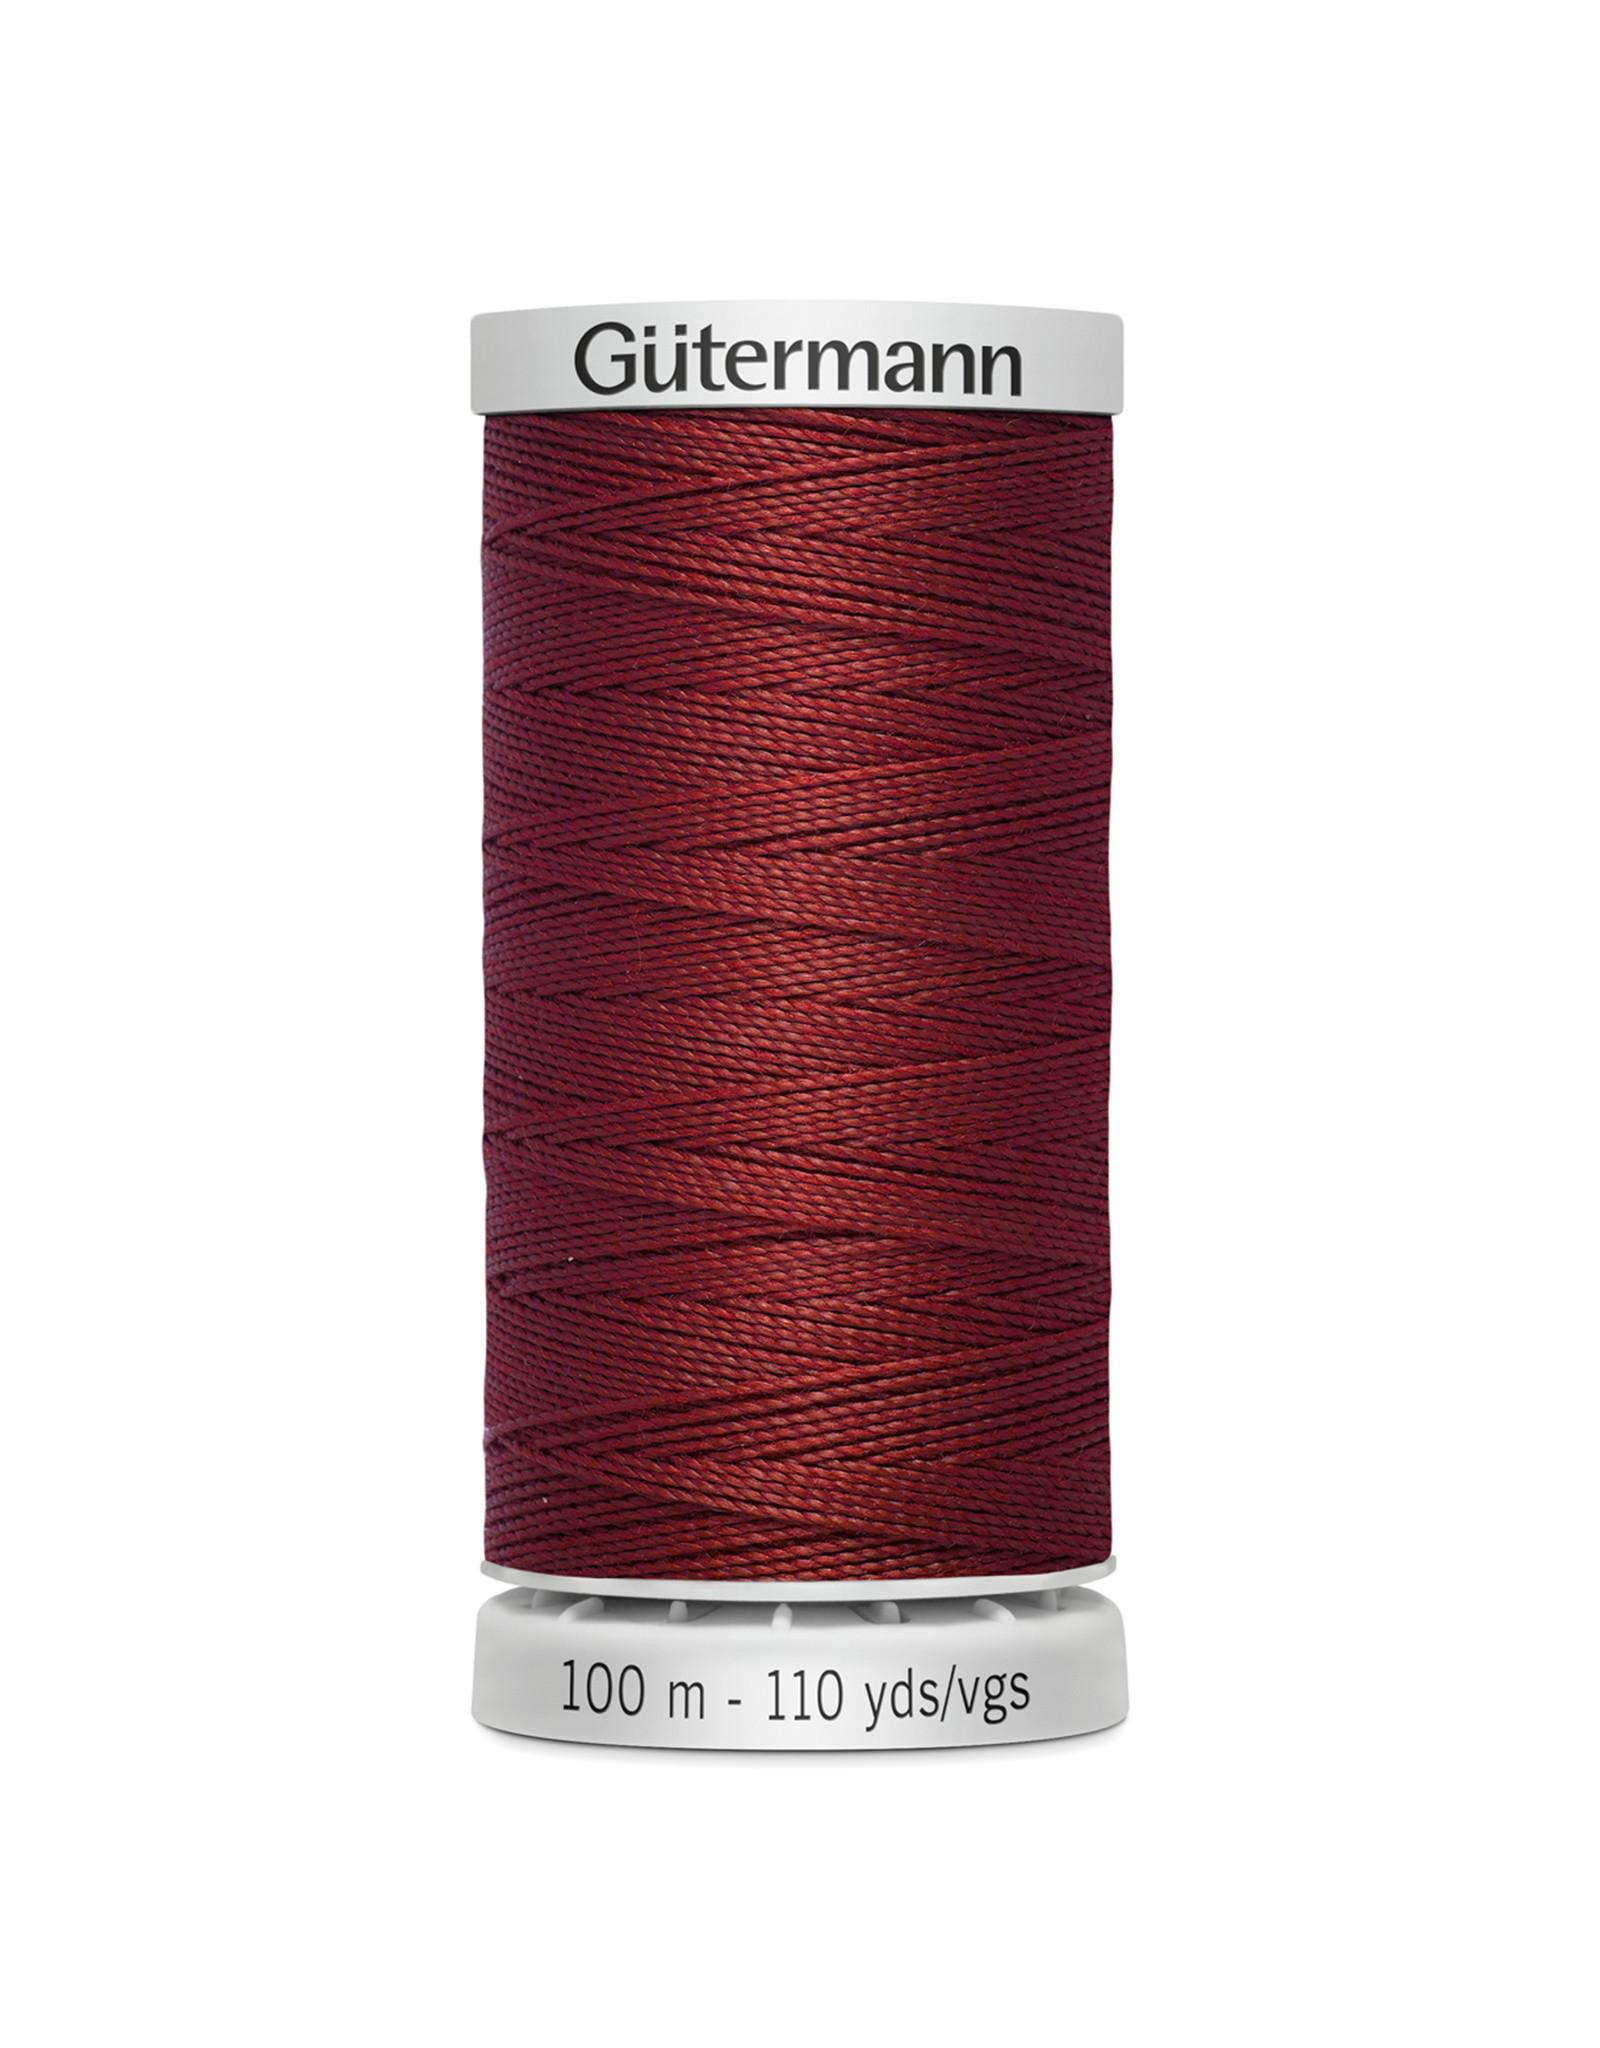 Gütermann Gütermann Super Stark garn 100 m - 540